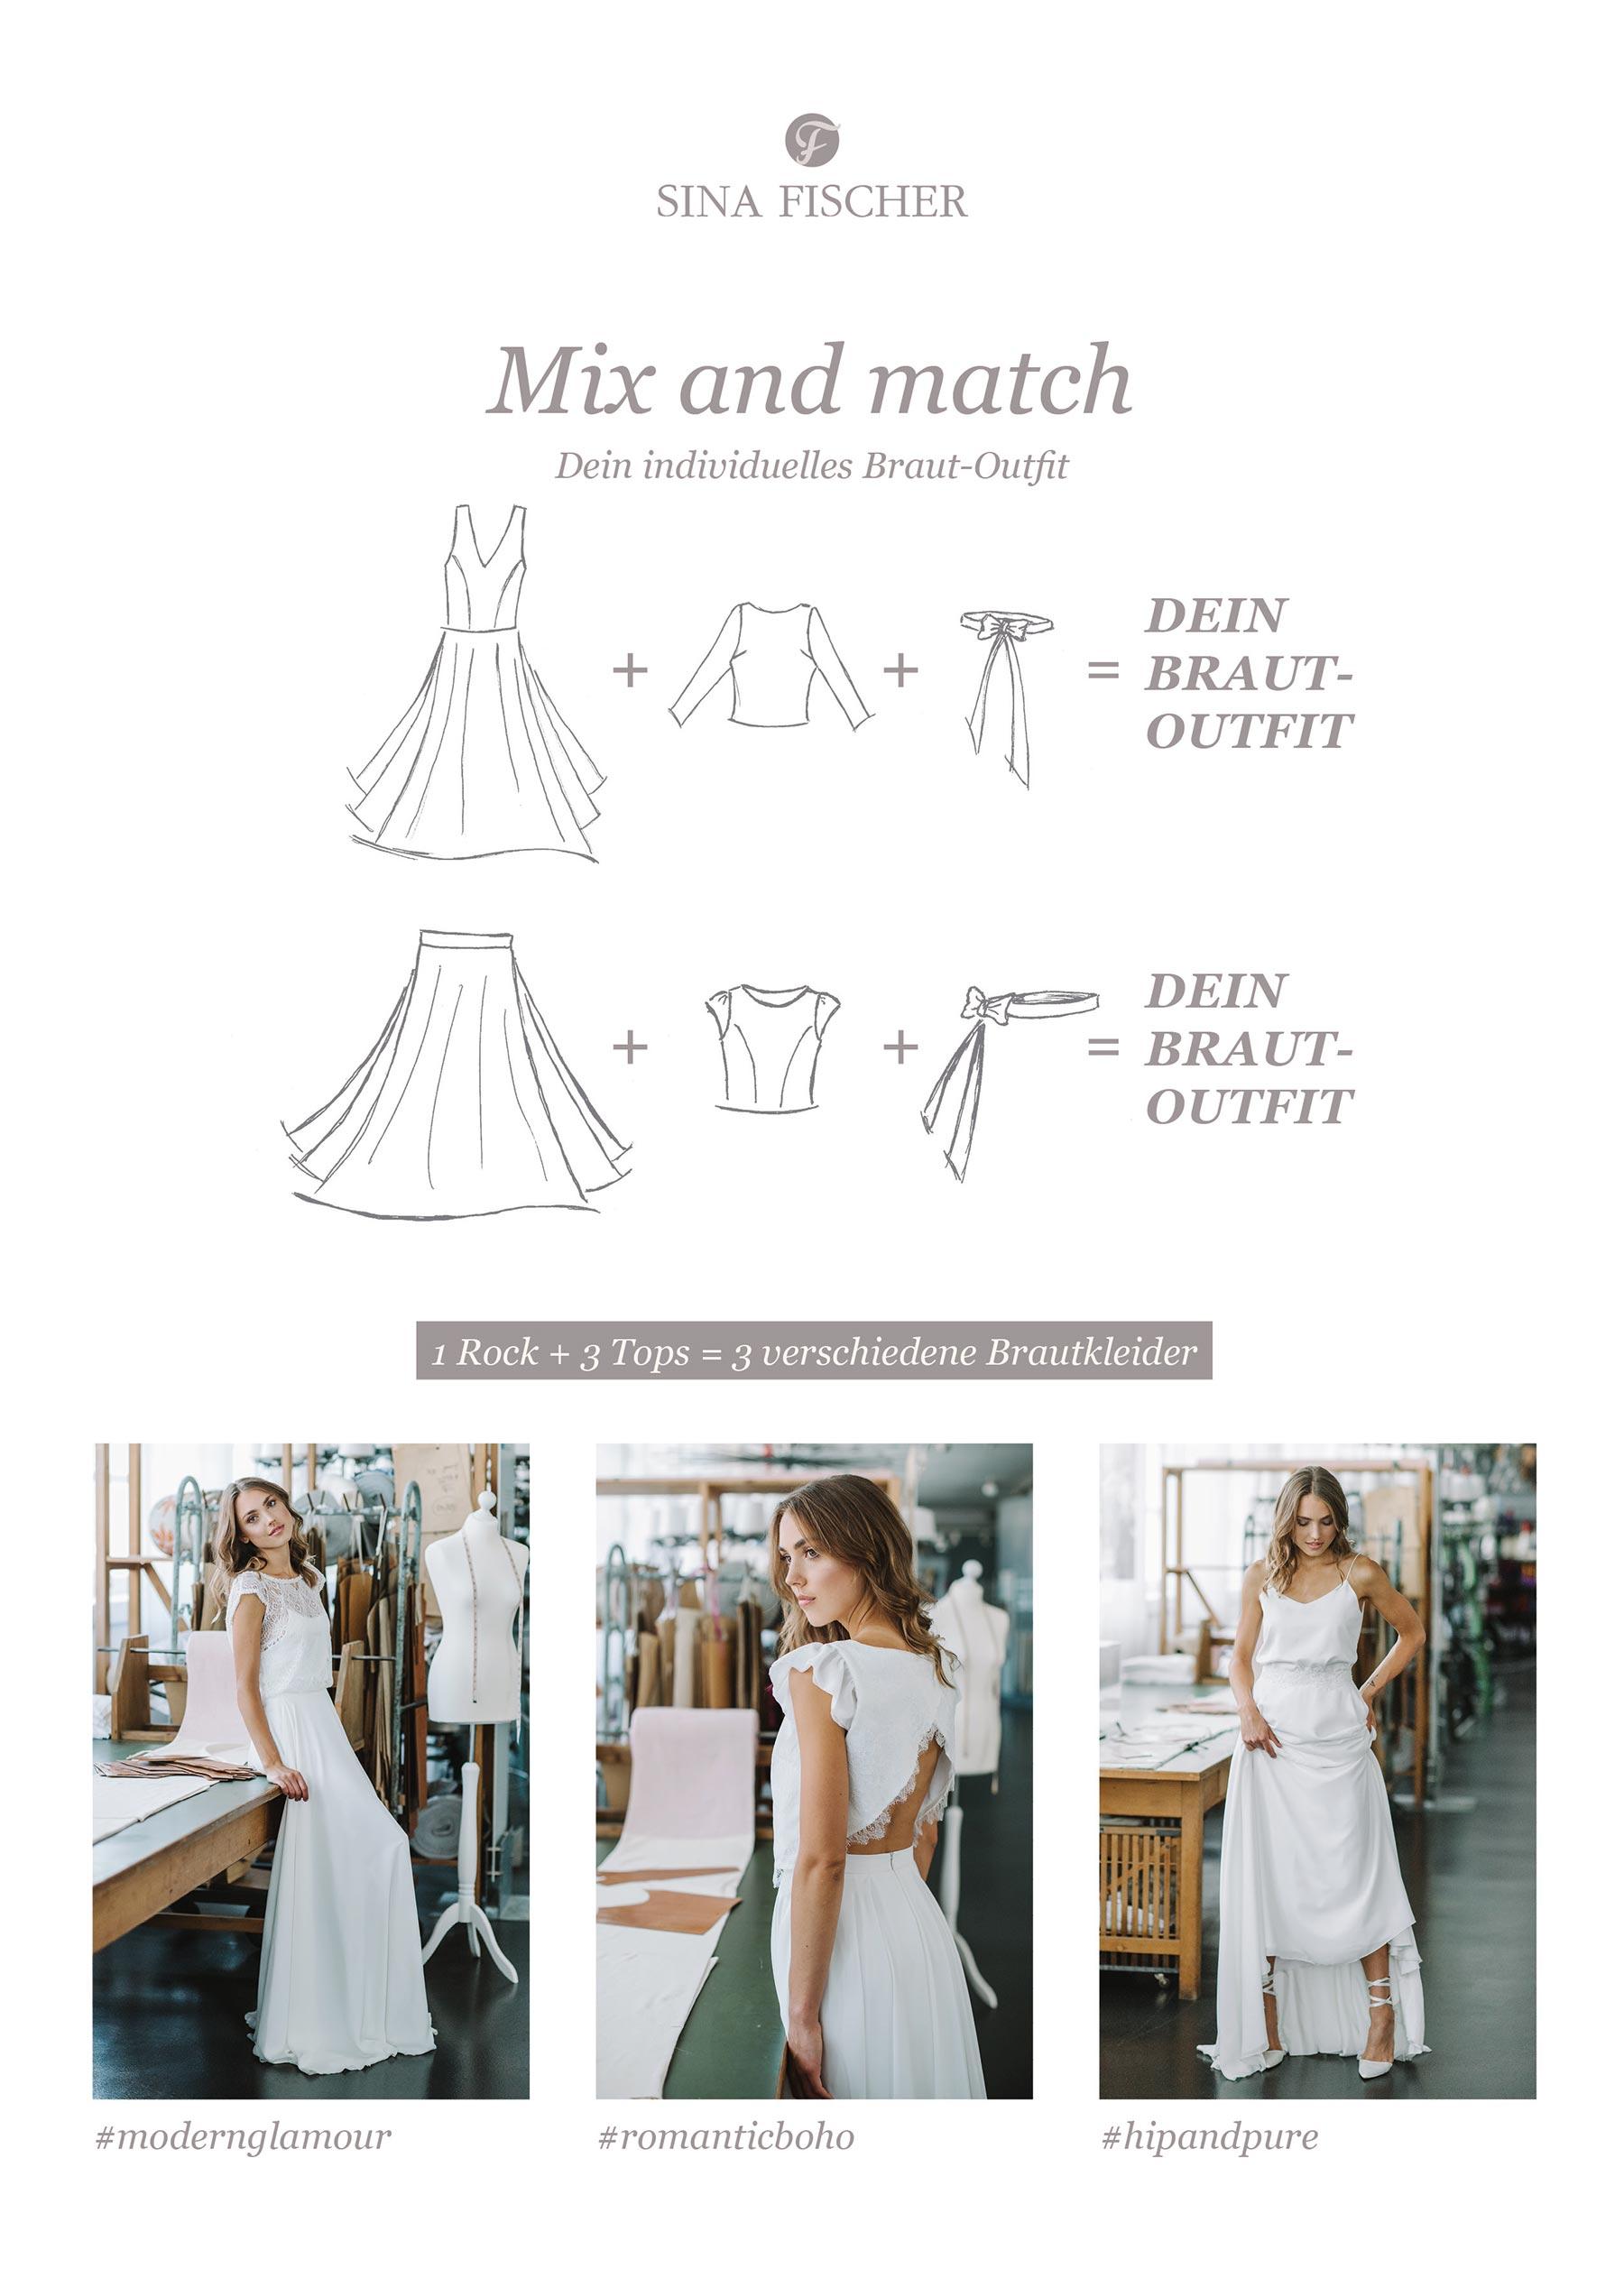 Mix and Match - dein eigenes individuelles Braut-Outfit aus der Sina Fischer Kollektion 2019